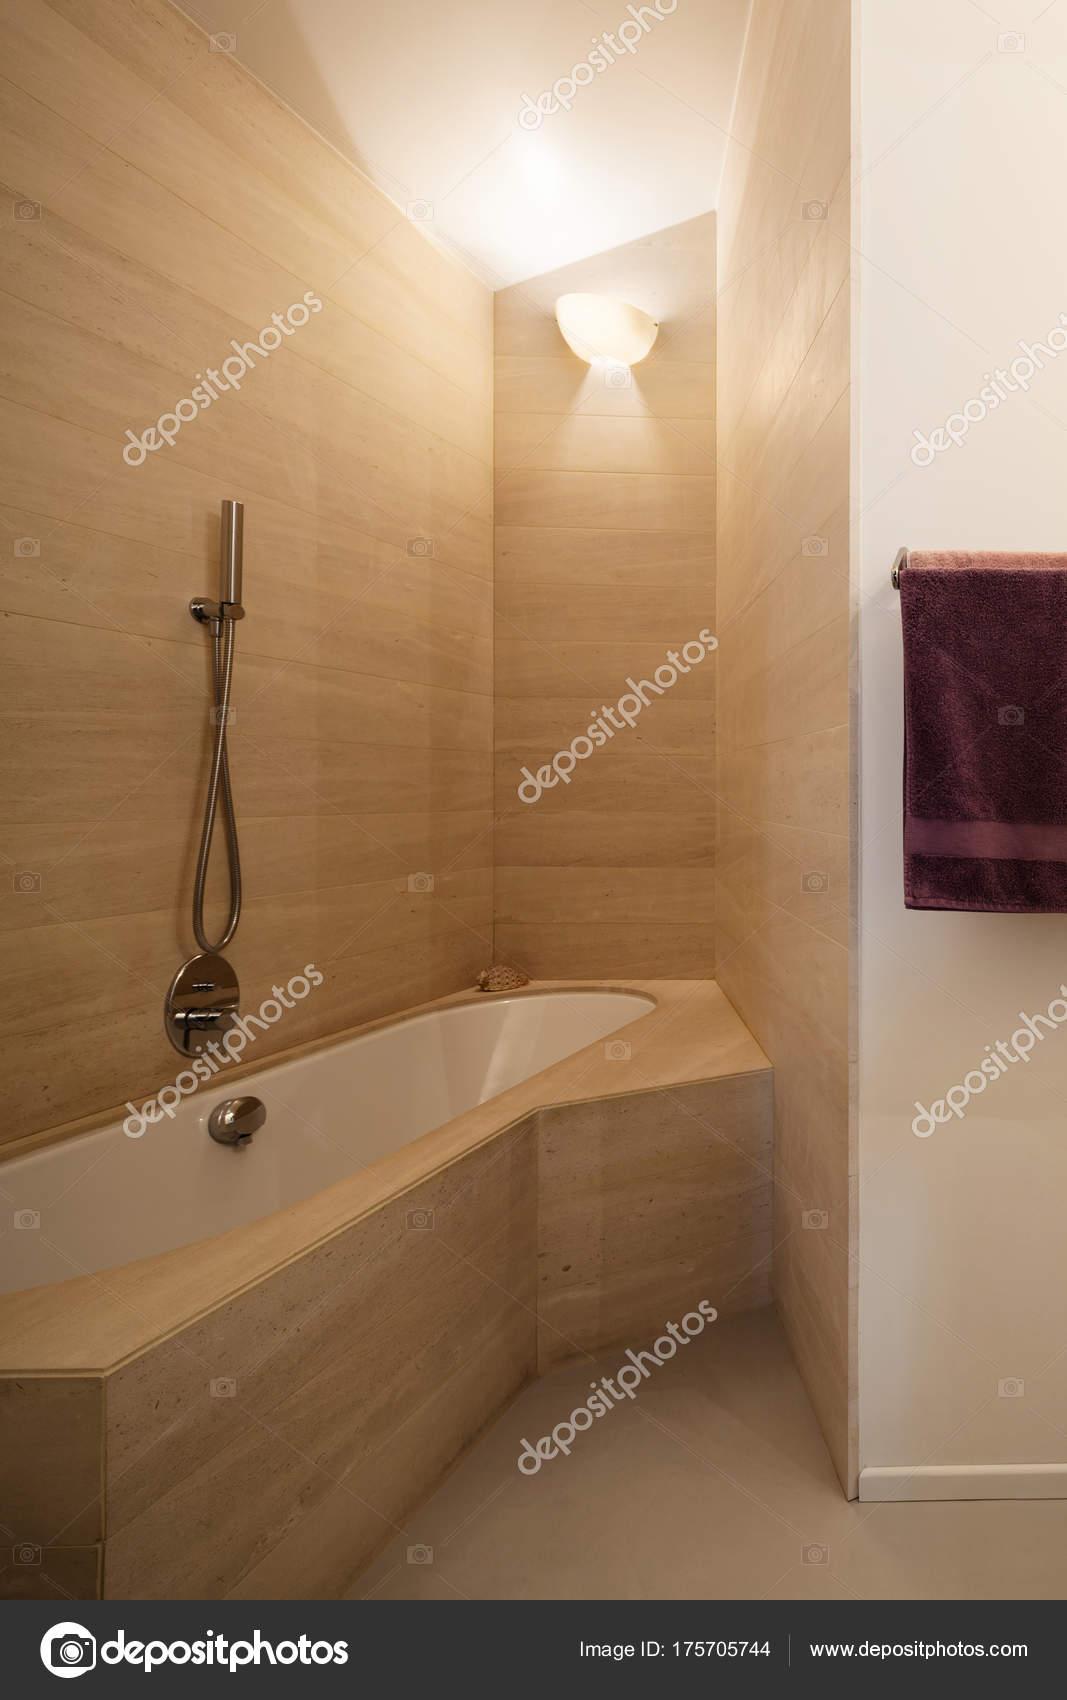 baignoire avec des tuiles de marbre sur les murs — photographie